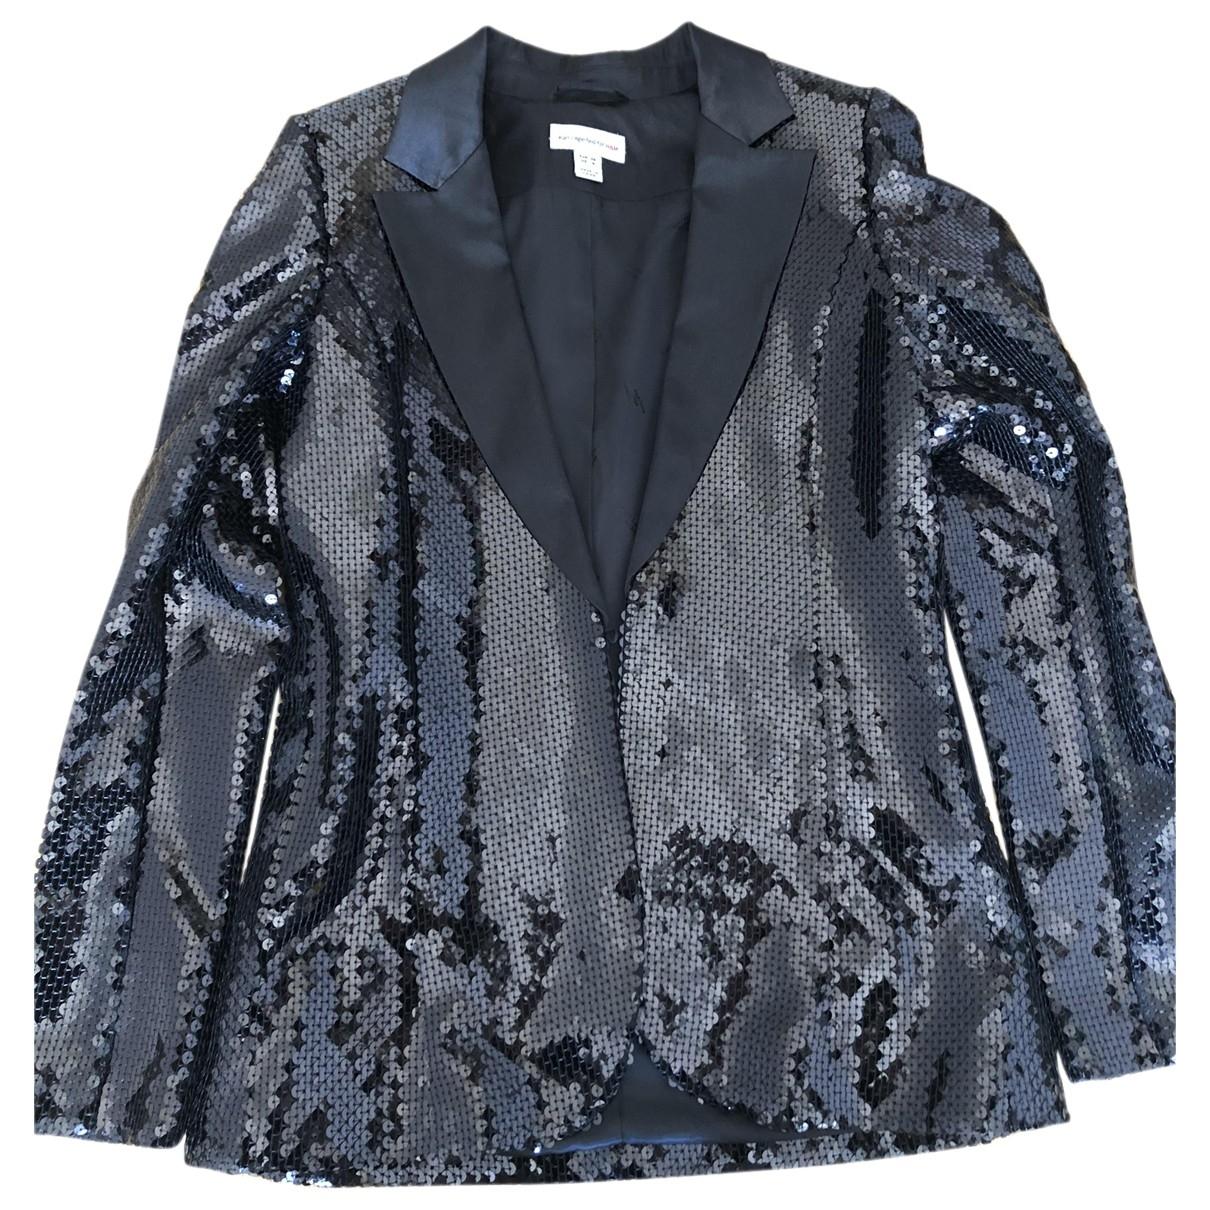 Karl Lagerfeld - Veste   pour femme en a paillettes - noir